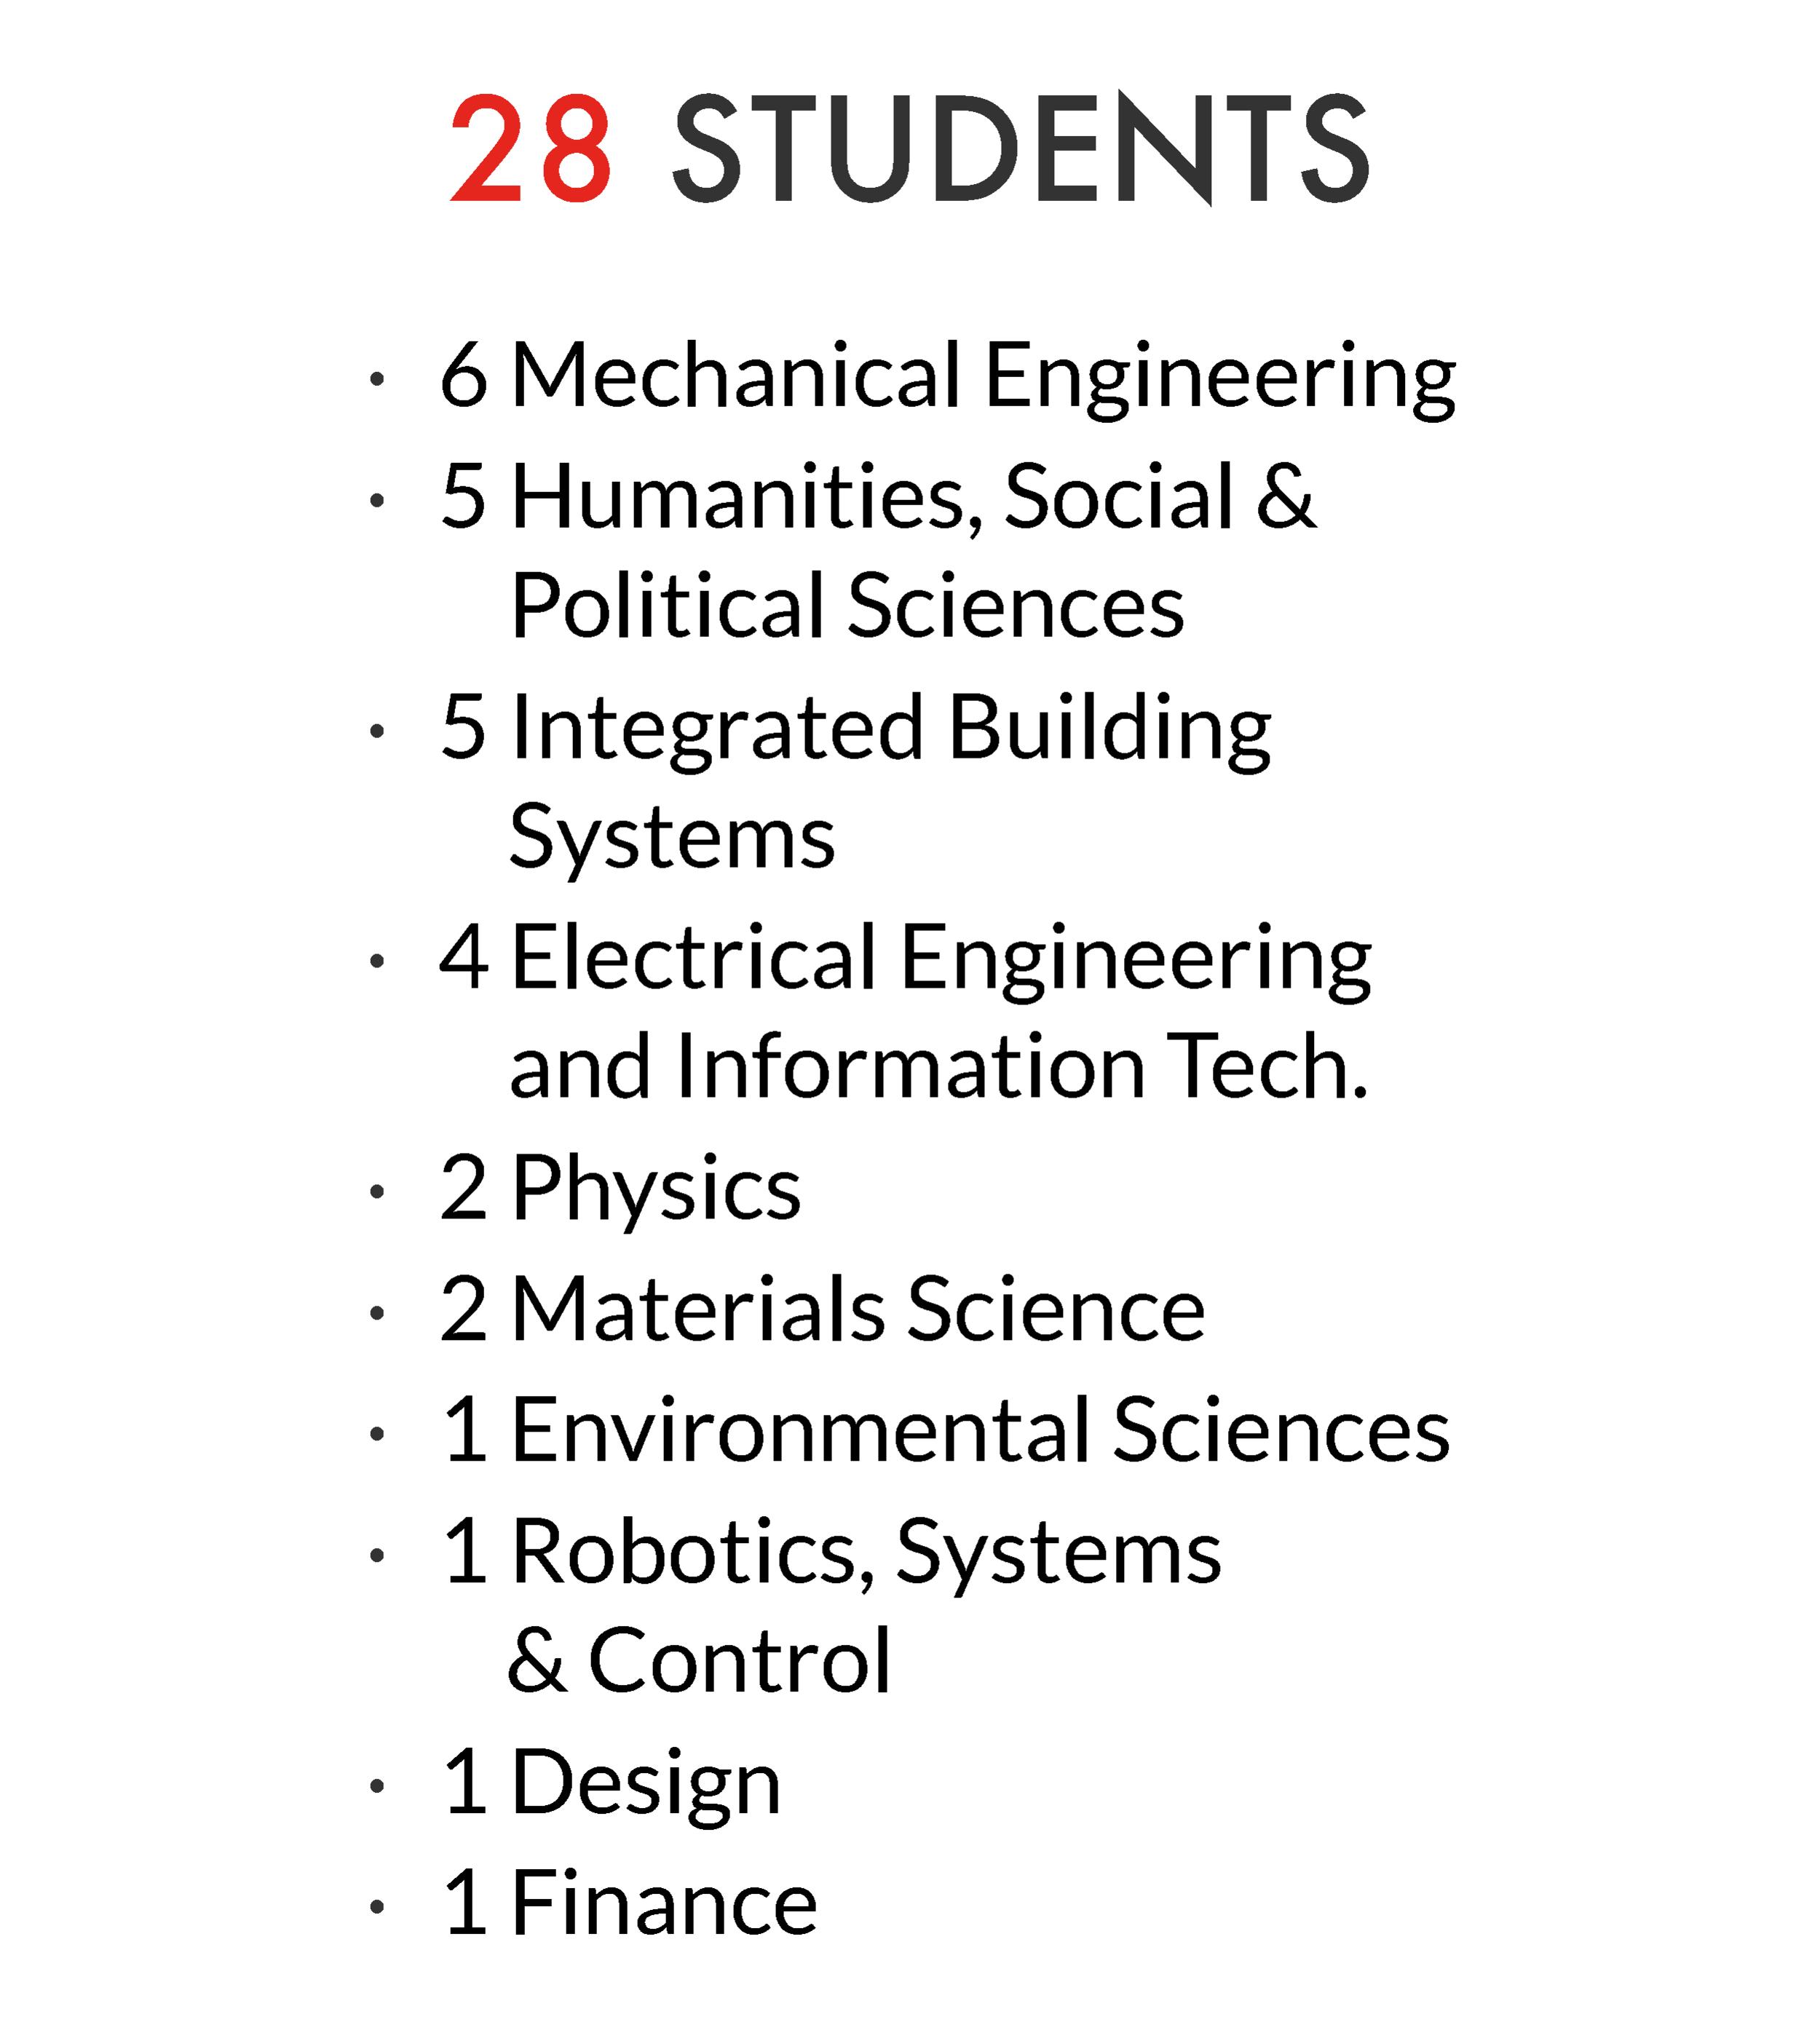 2018_Statistics_Students.png